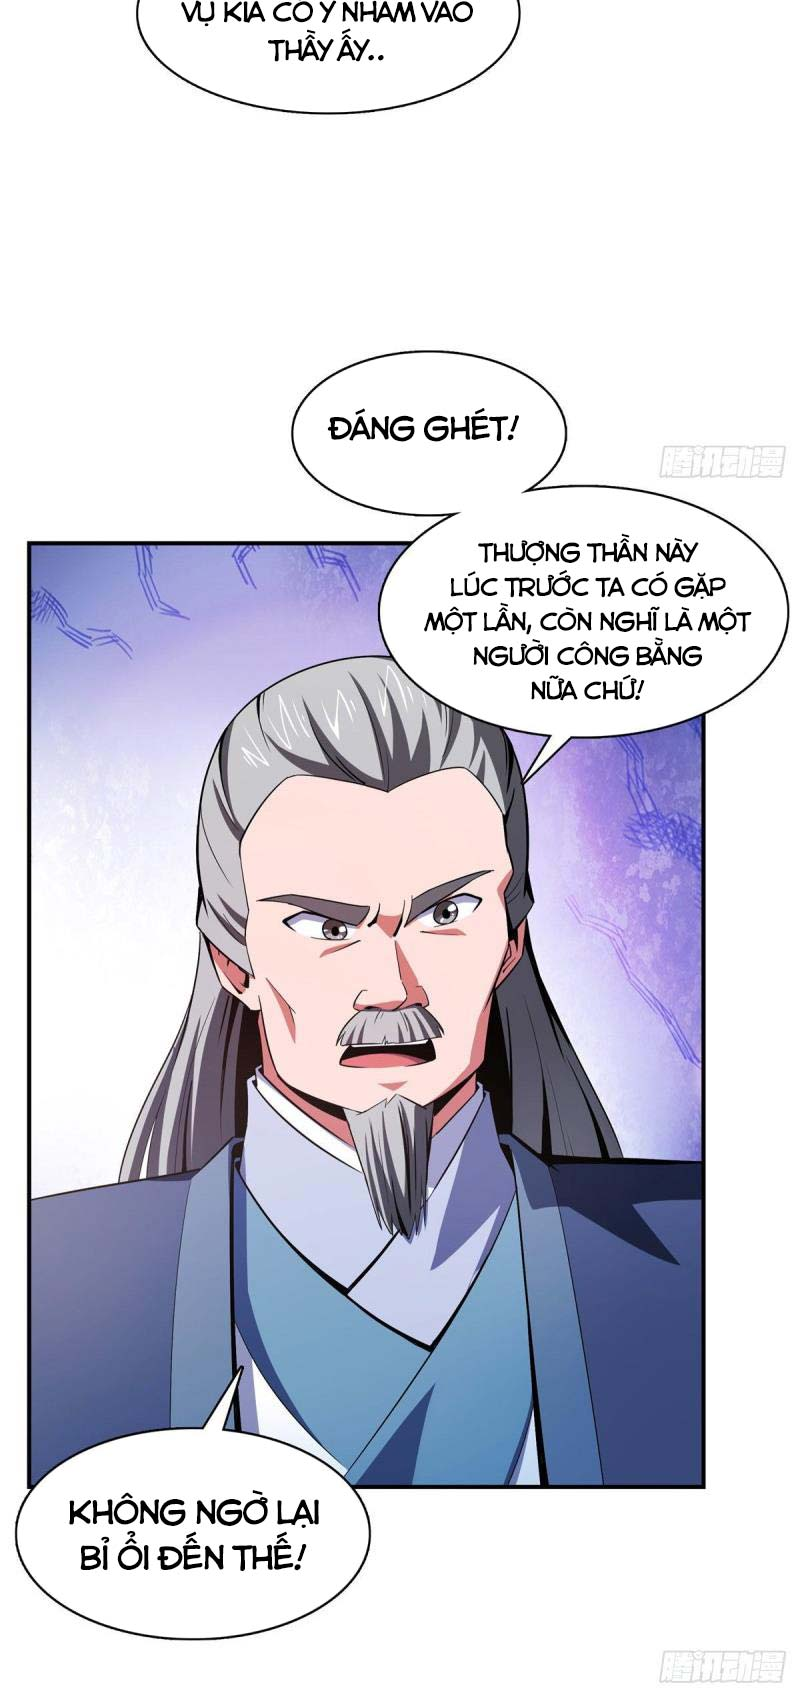 Thiên Đạo Đồ Thư Quán Chương 97 - Vcomic.net